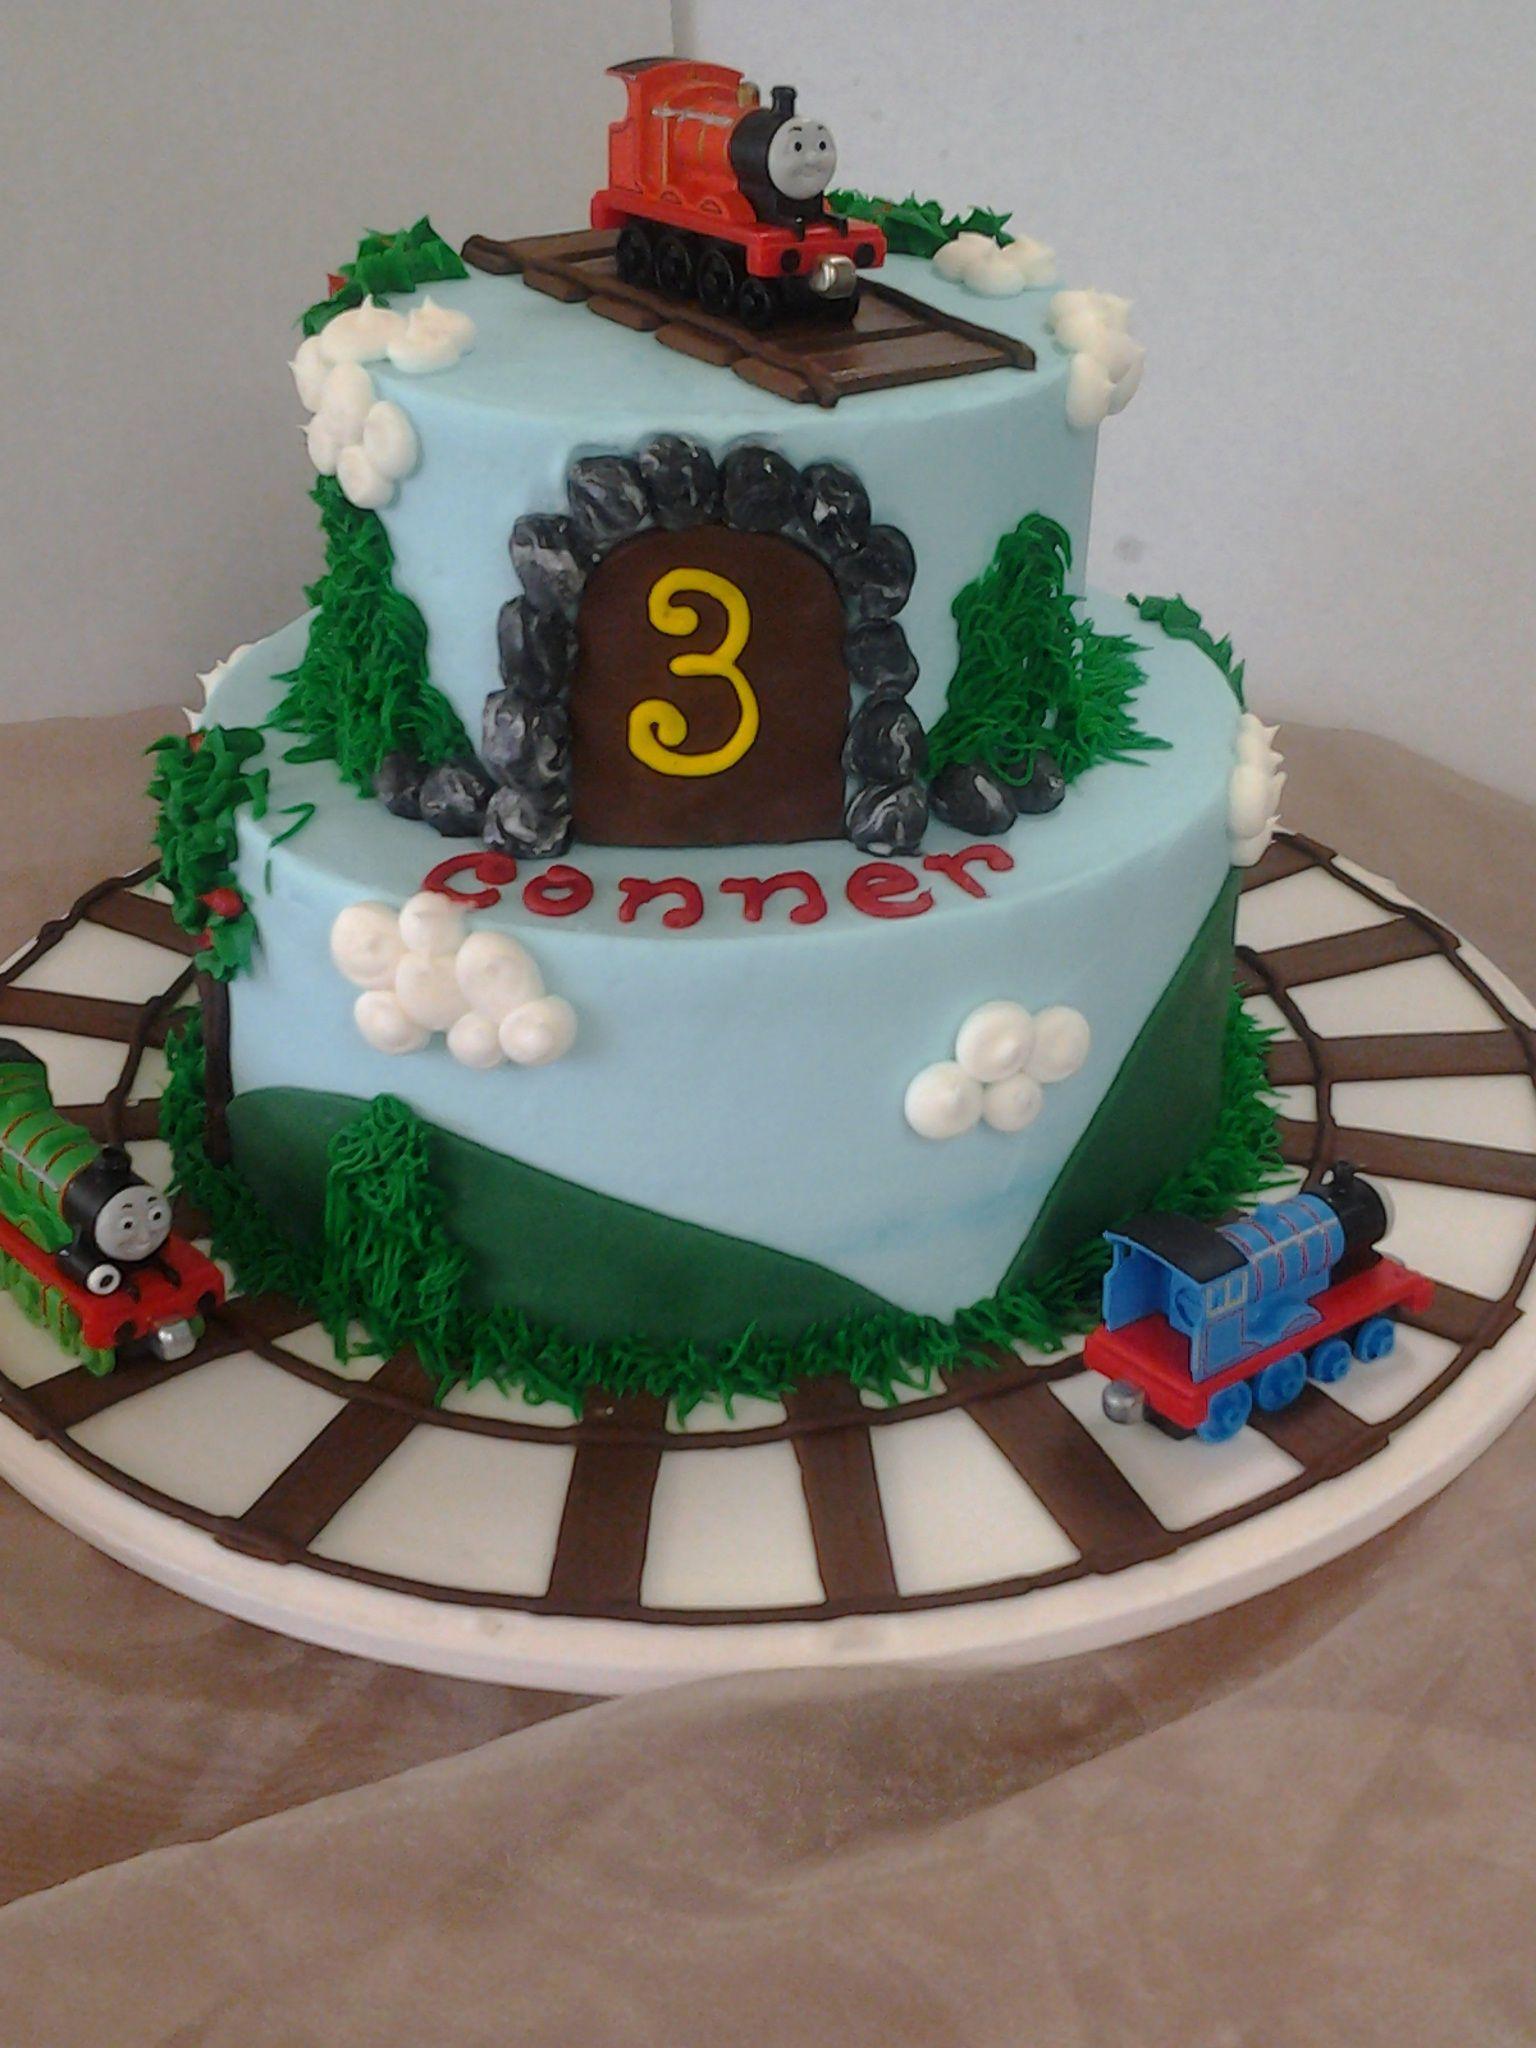 Thomas the Train! Next stop? Your next birthday party.